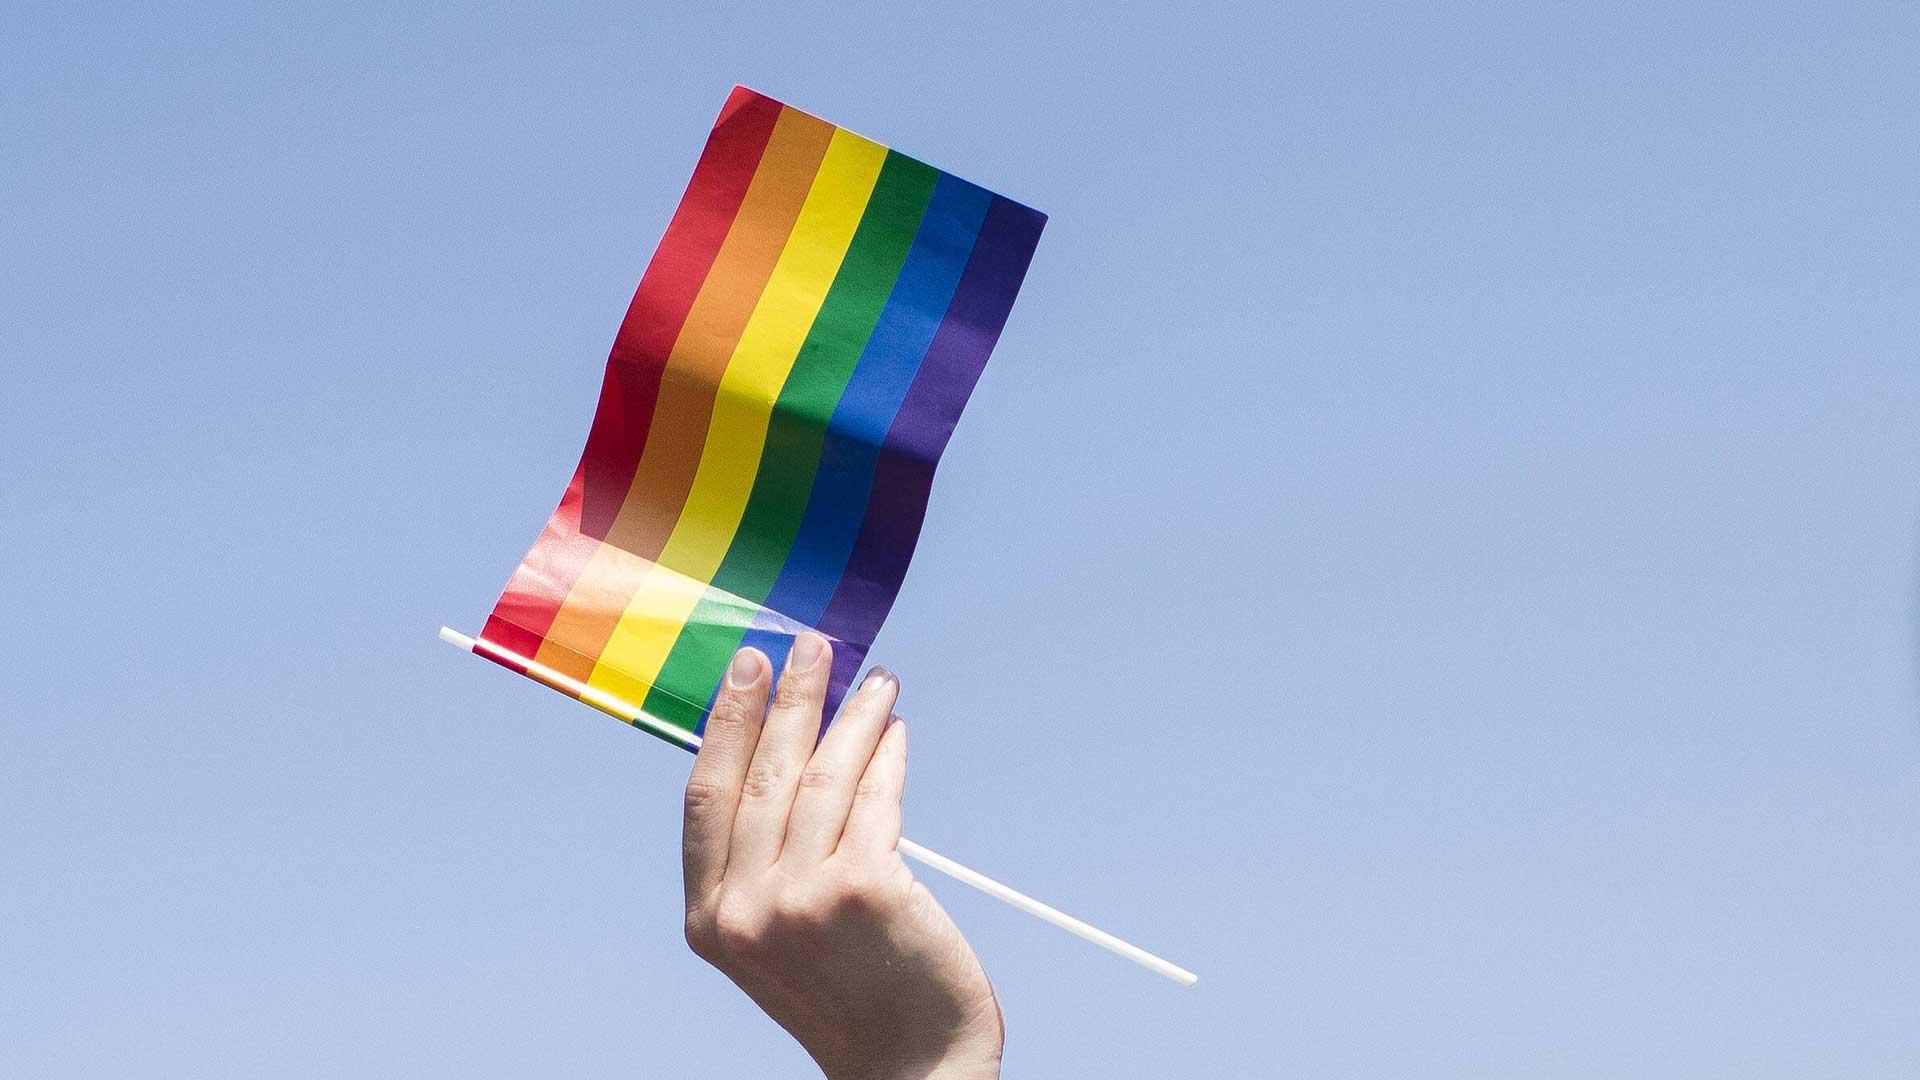 Regenbogenfahne.